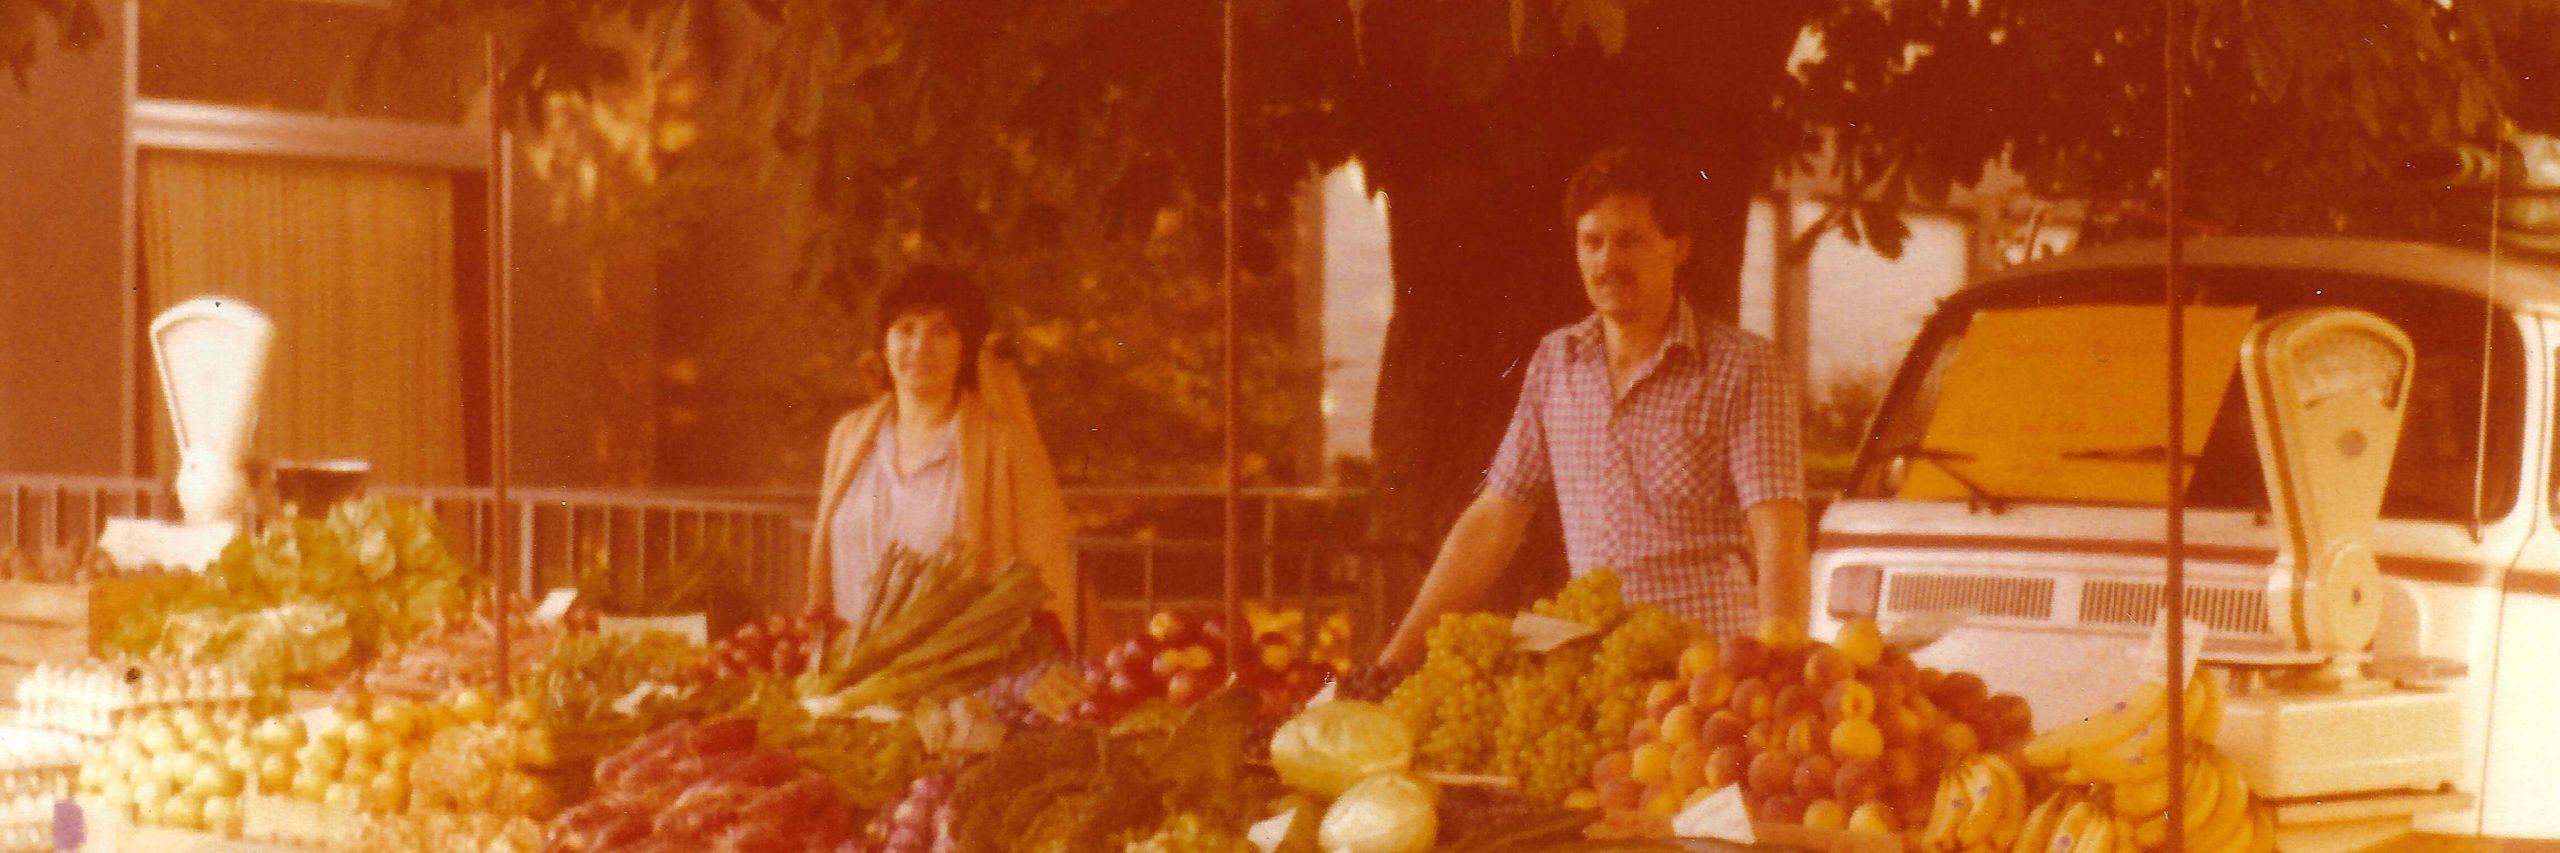 Ökokiste Allgäu Historischer Stand mit Angelika & Josef Kienle